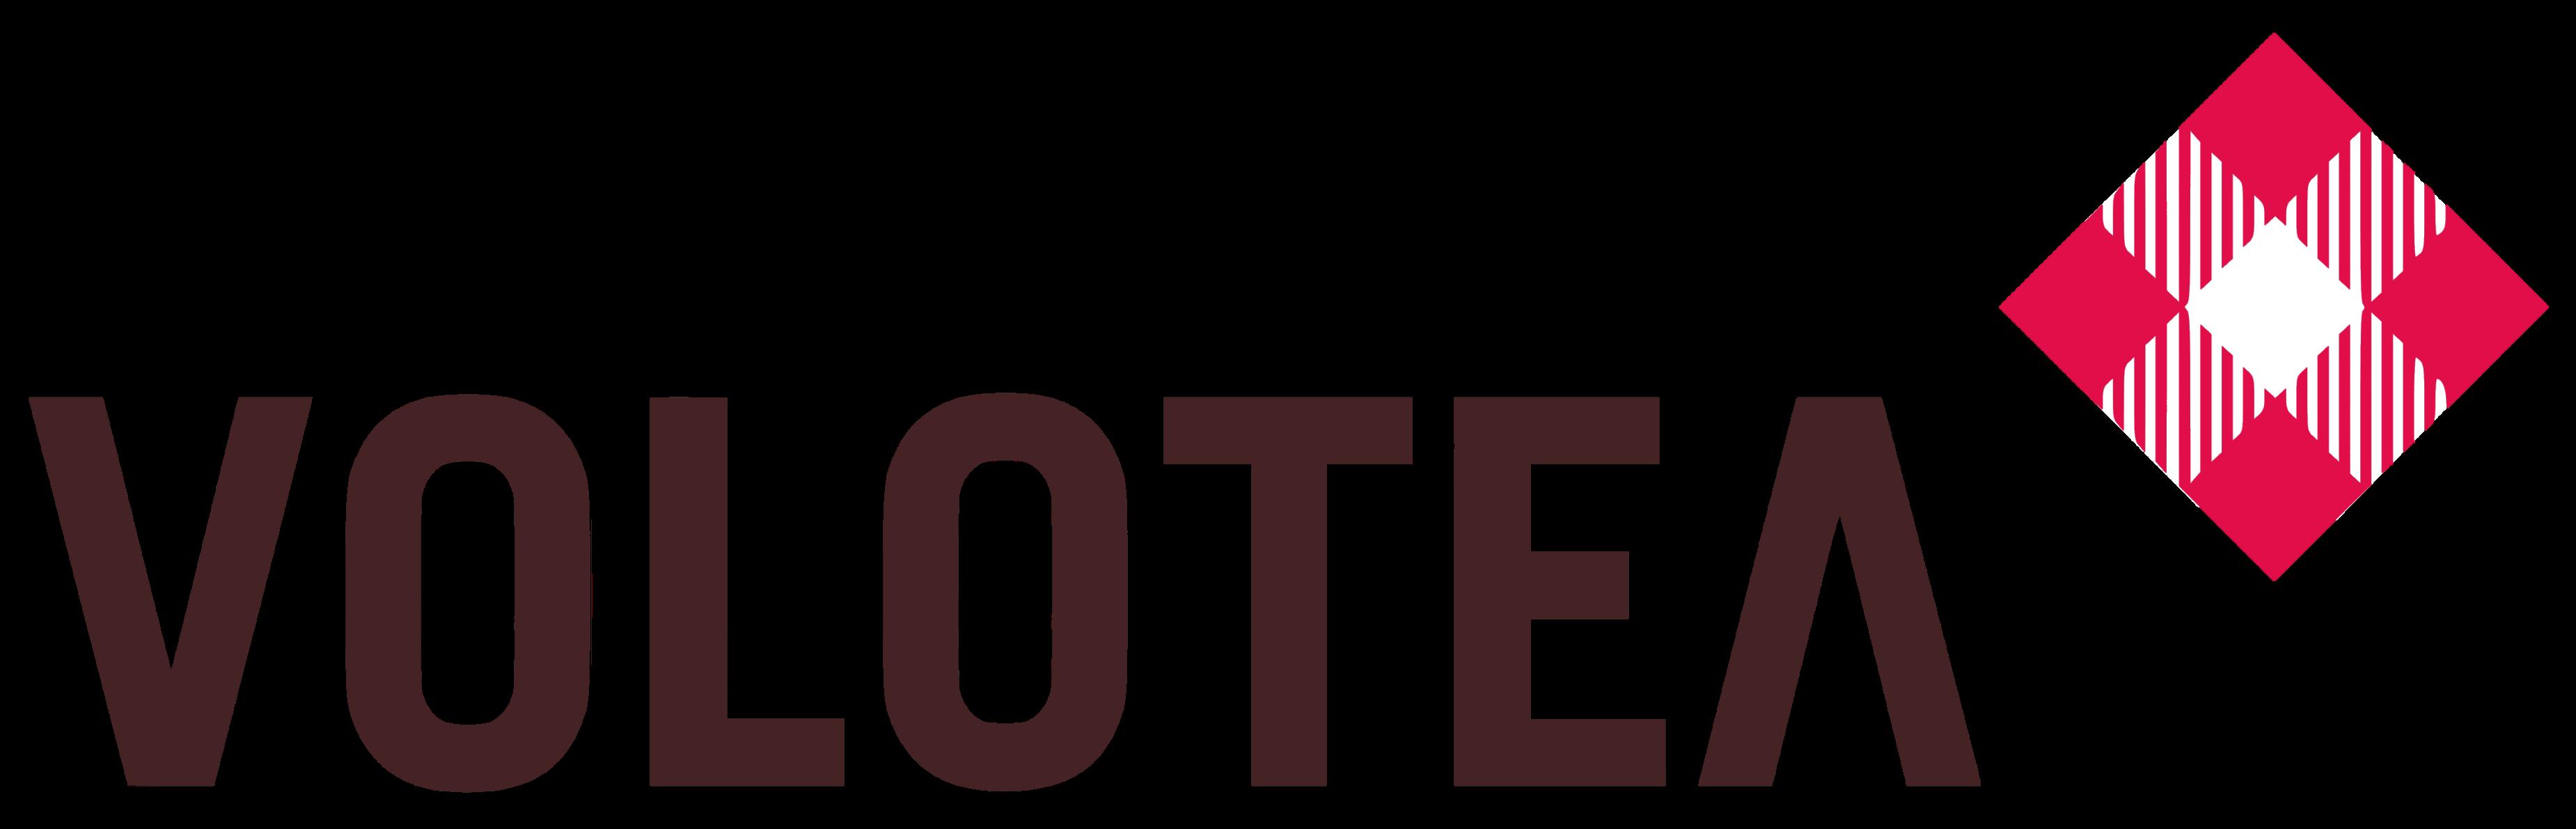 Výsledek obrázku pro volotea logo png